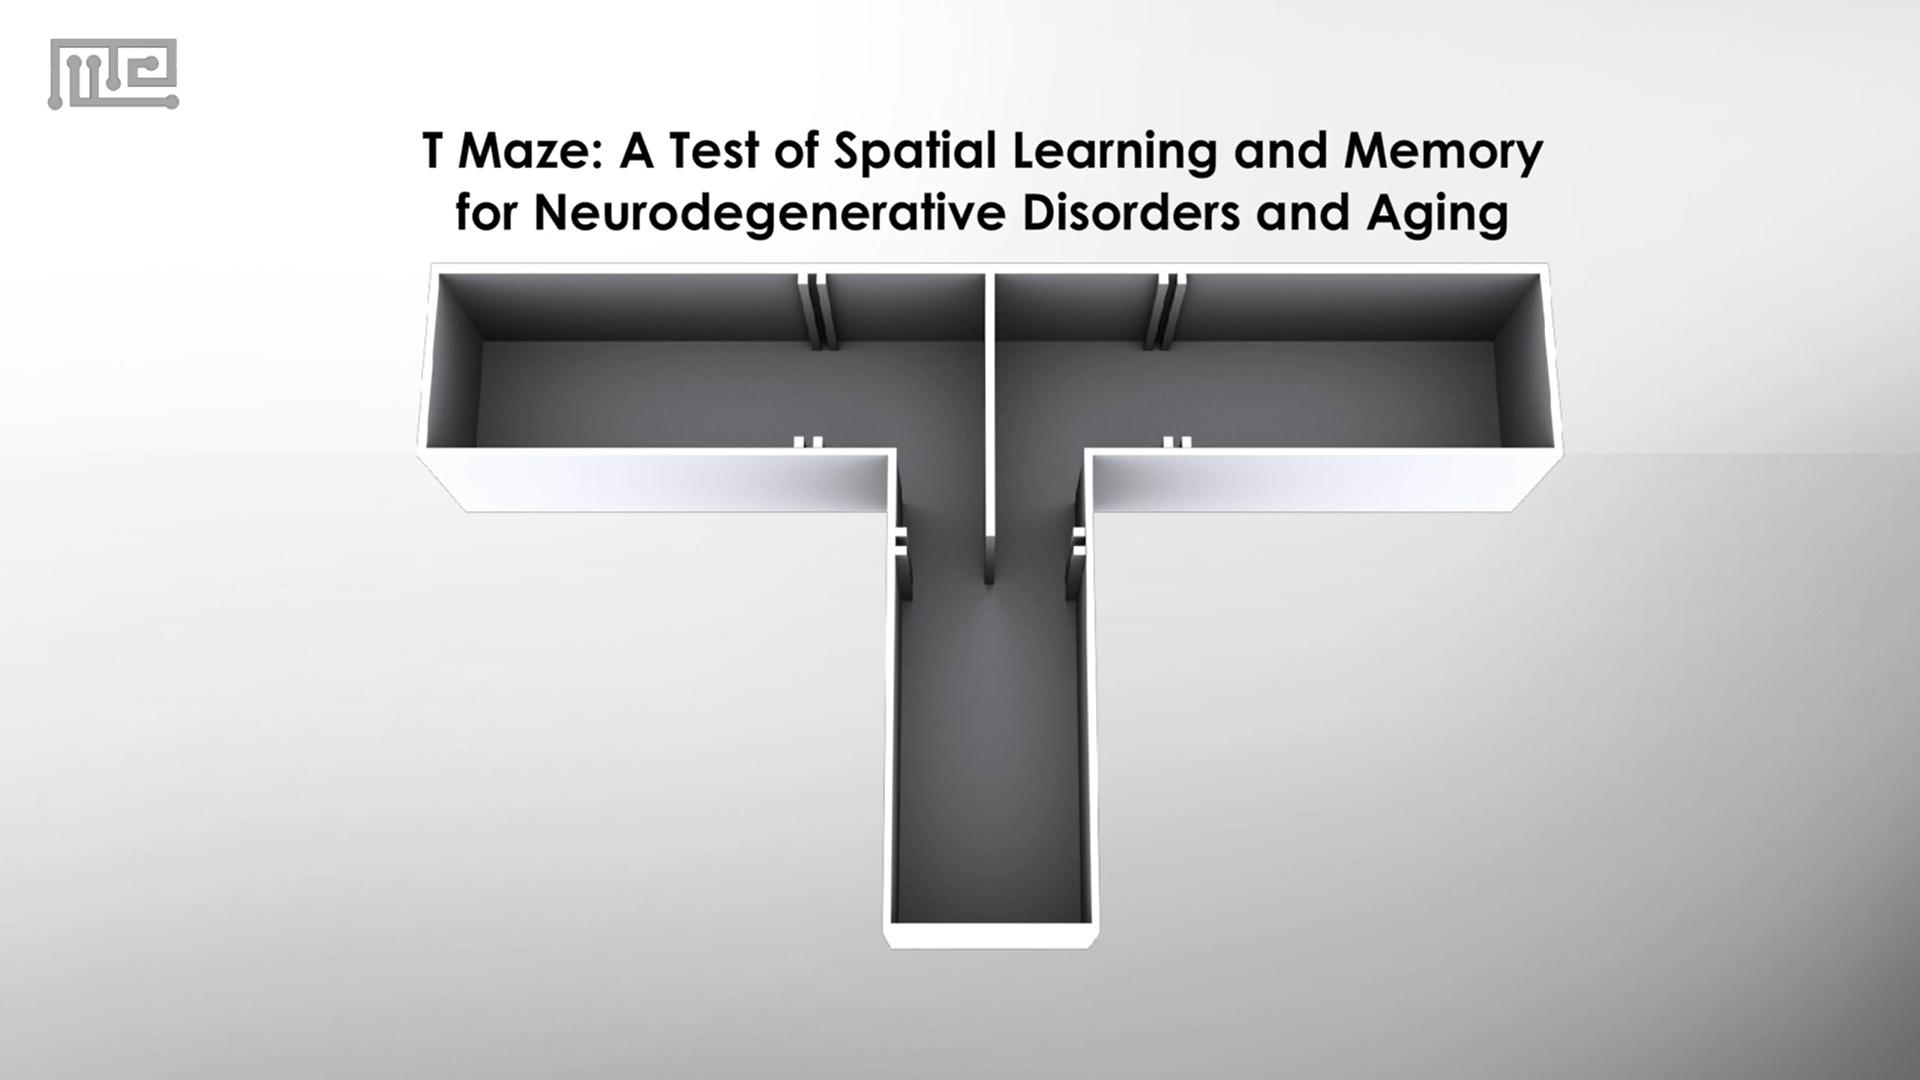 t-maze test comparison image